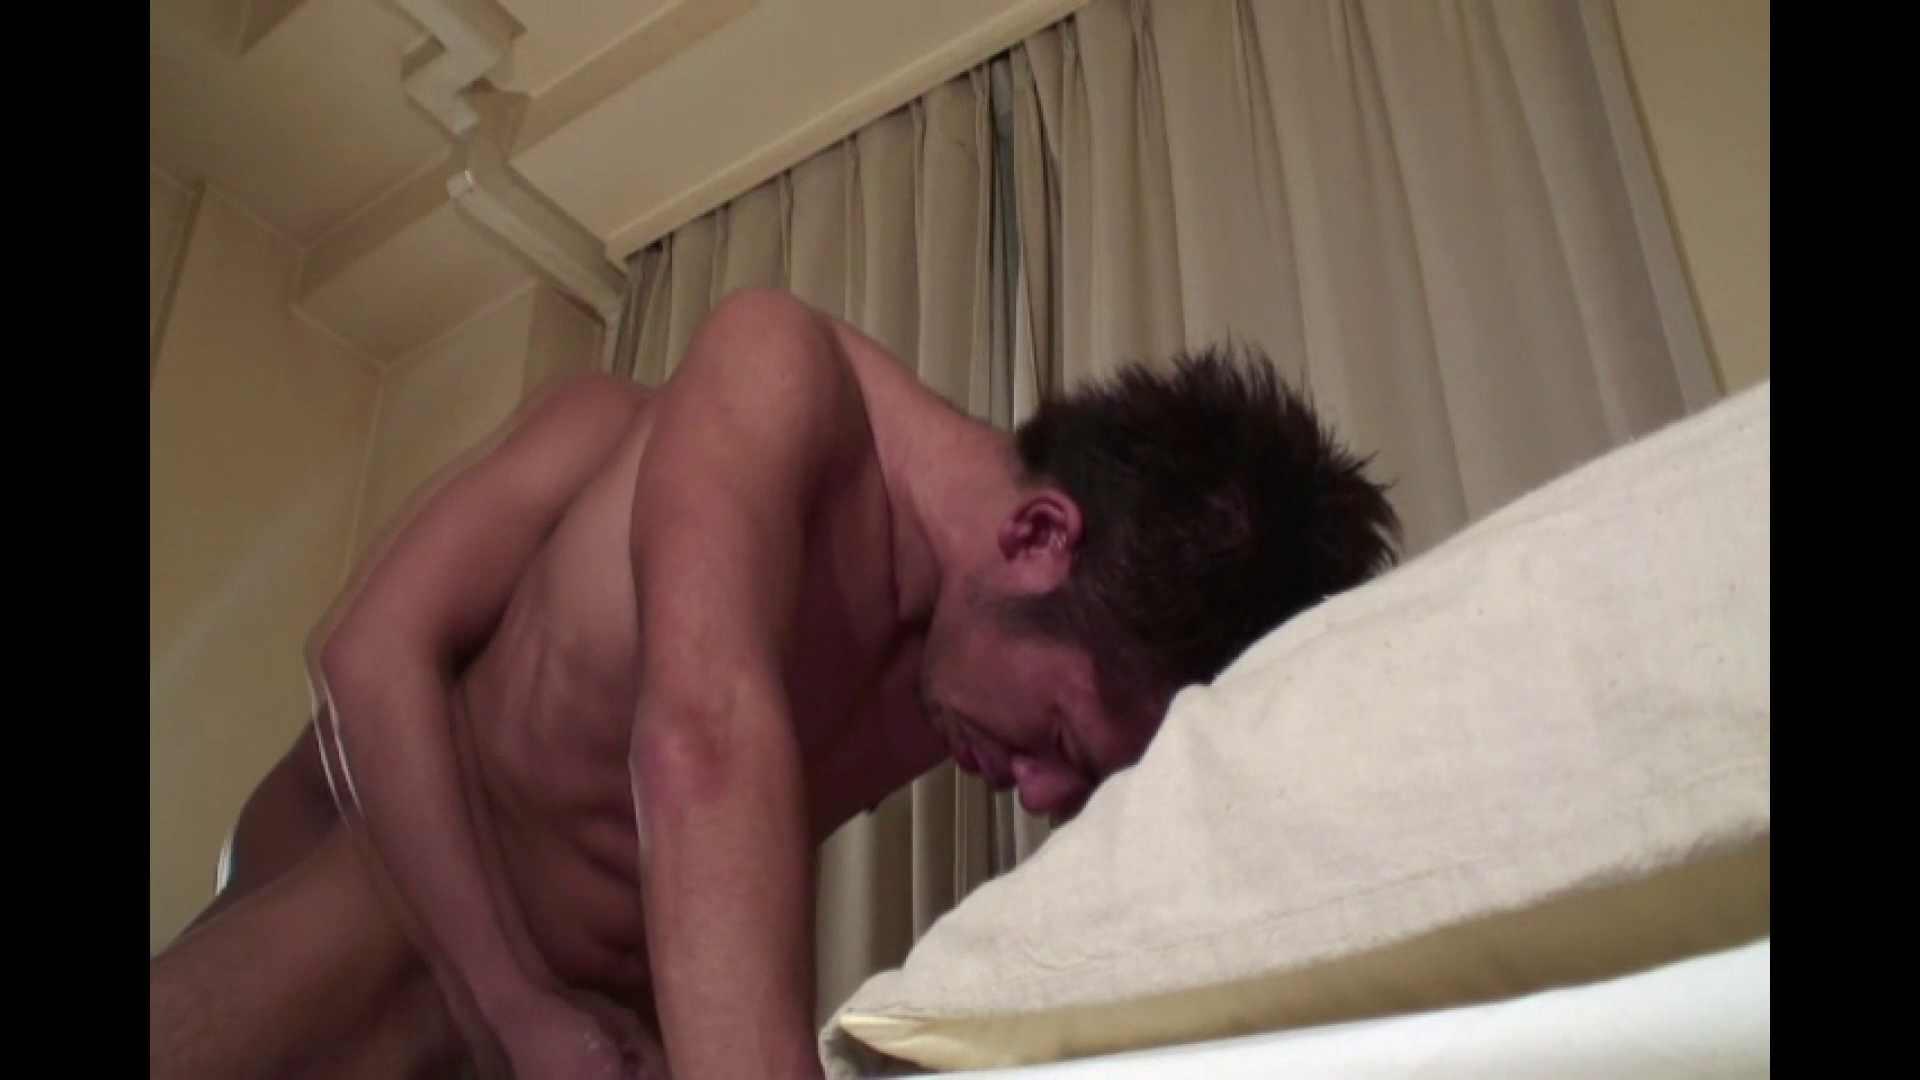 ノンケイケメンの欲望と肉棒 Vol.9 イケメンのゲイ達 | 肉にく男子  89枚 55